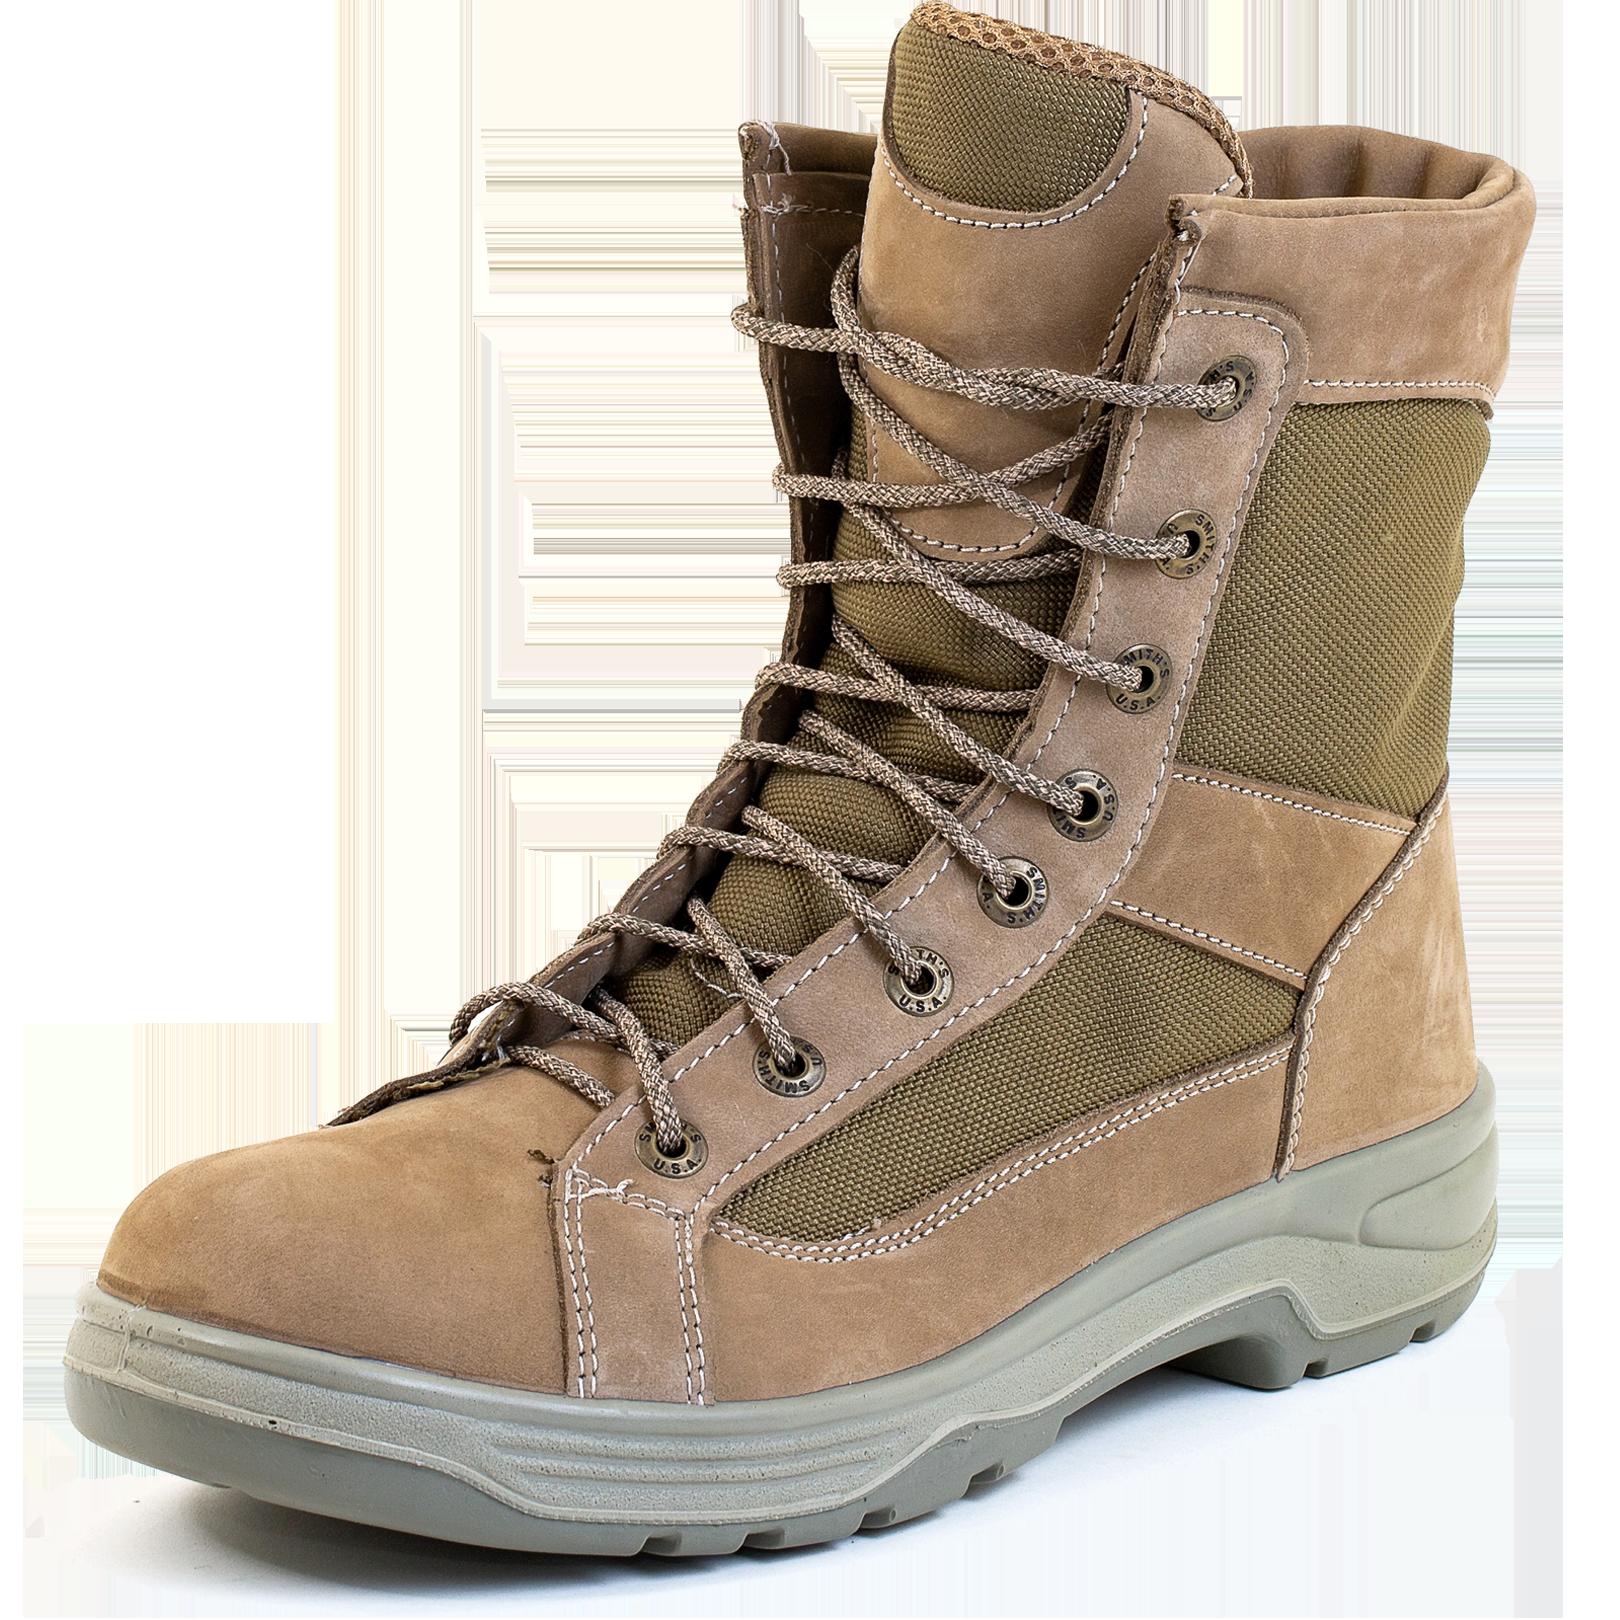 CS™ Combat Sneakers